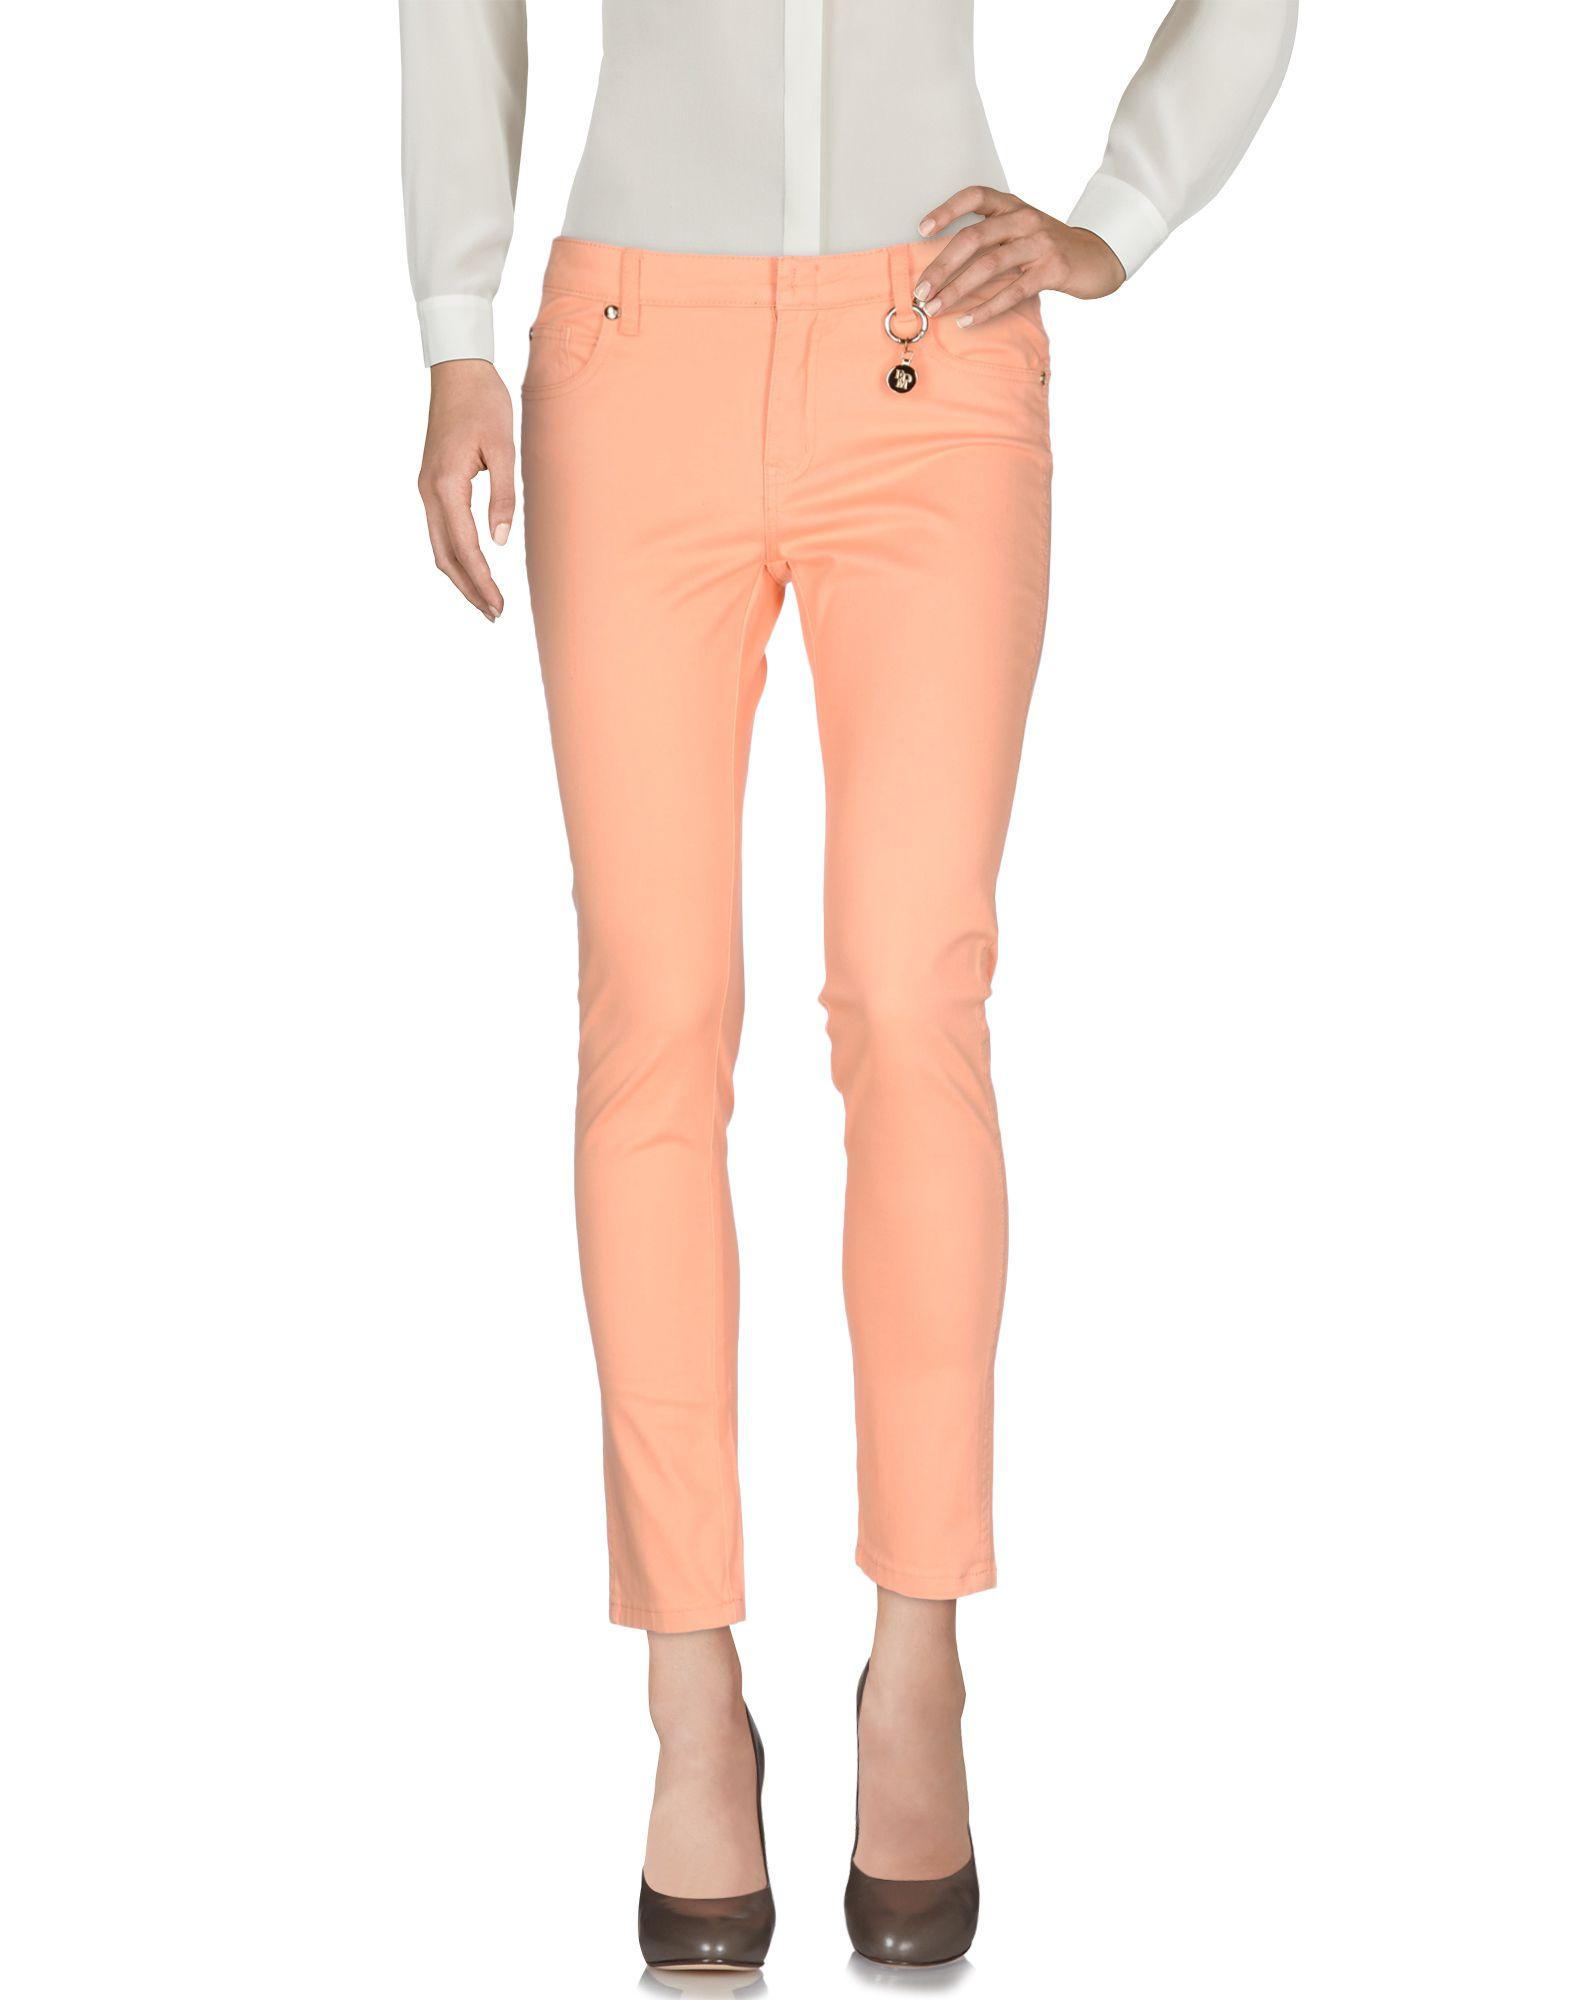 ETOILE DU MONDE | ETOILE DU MONDE Casual pants 13037378 | Goxip